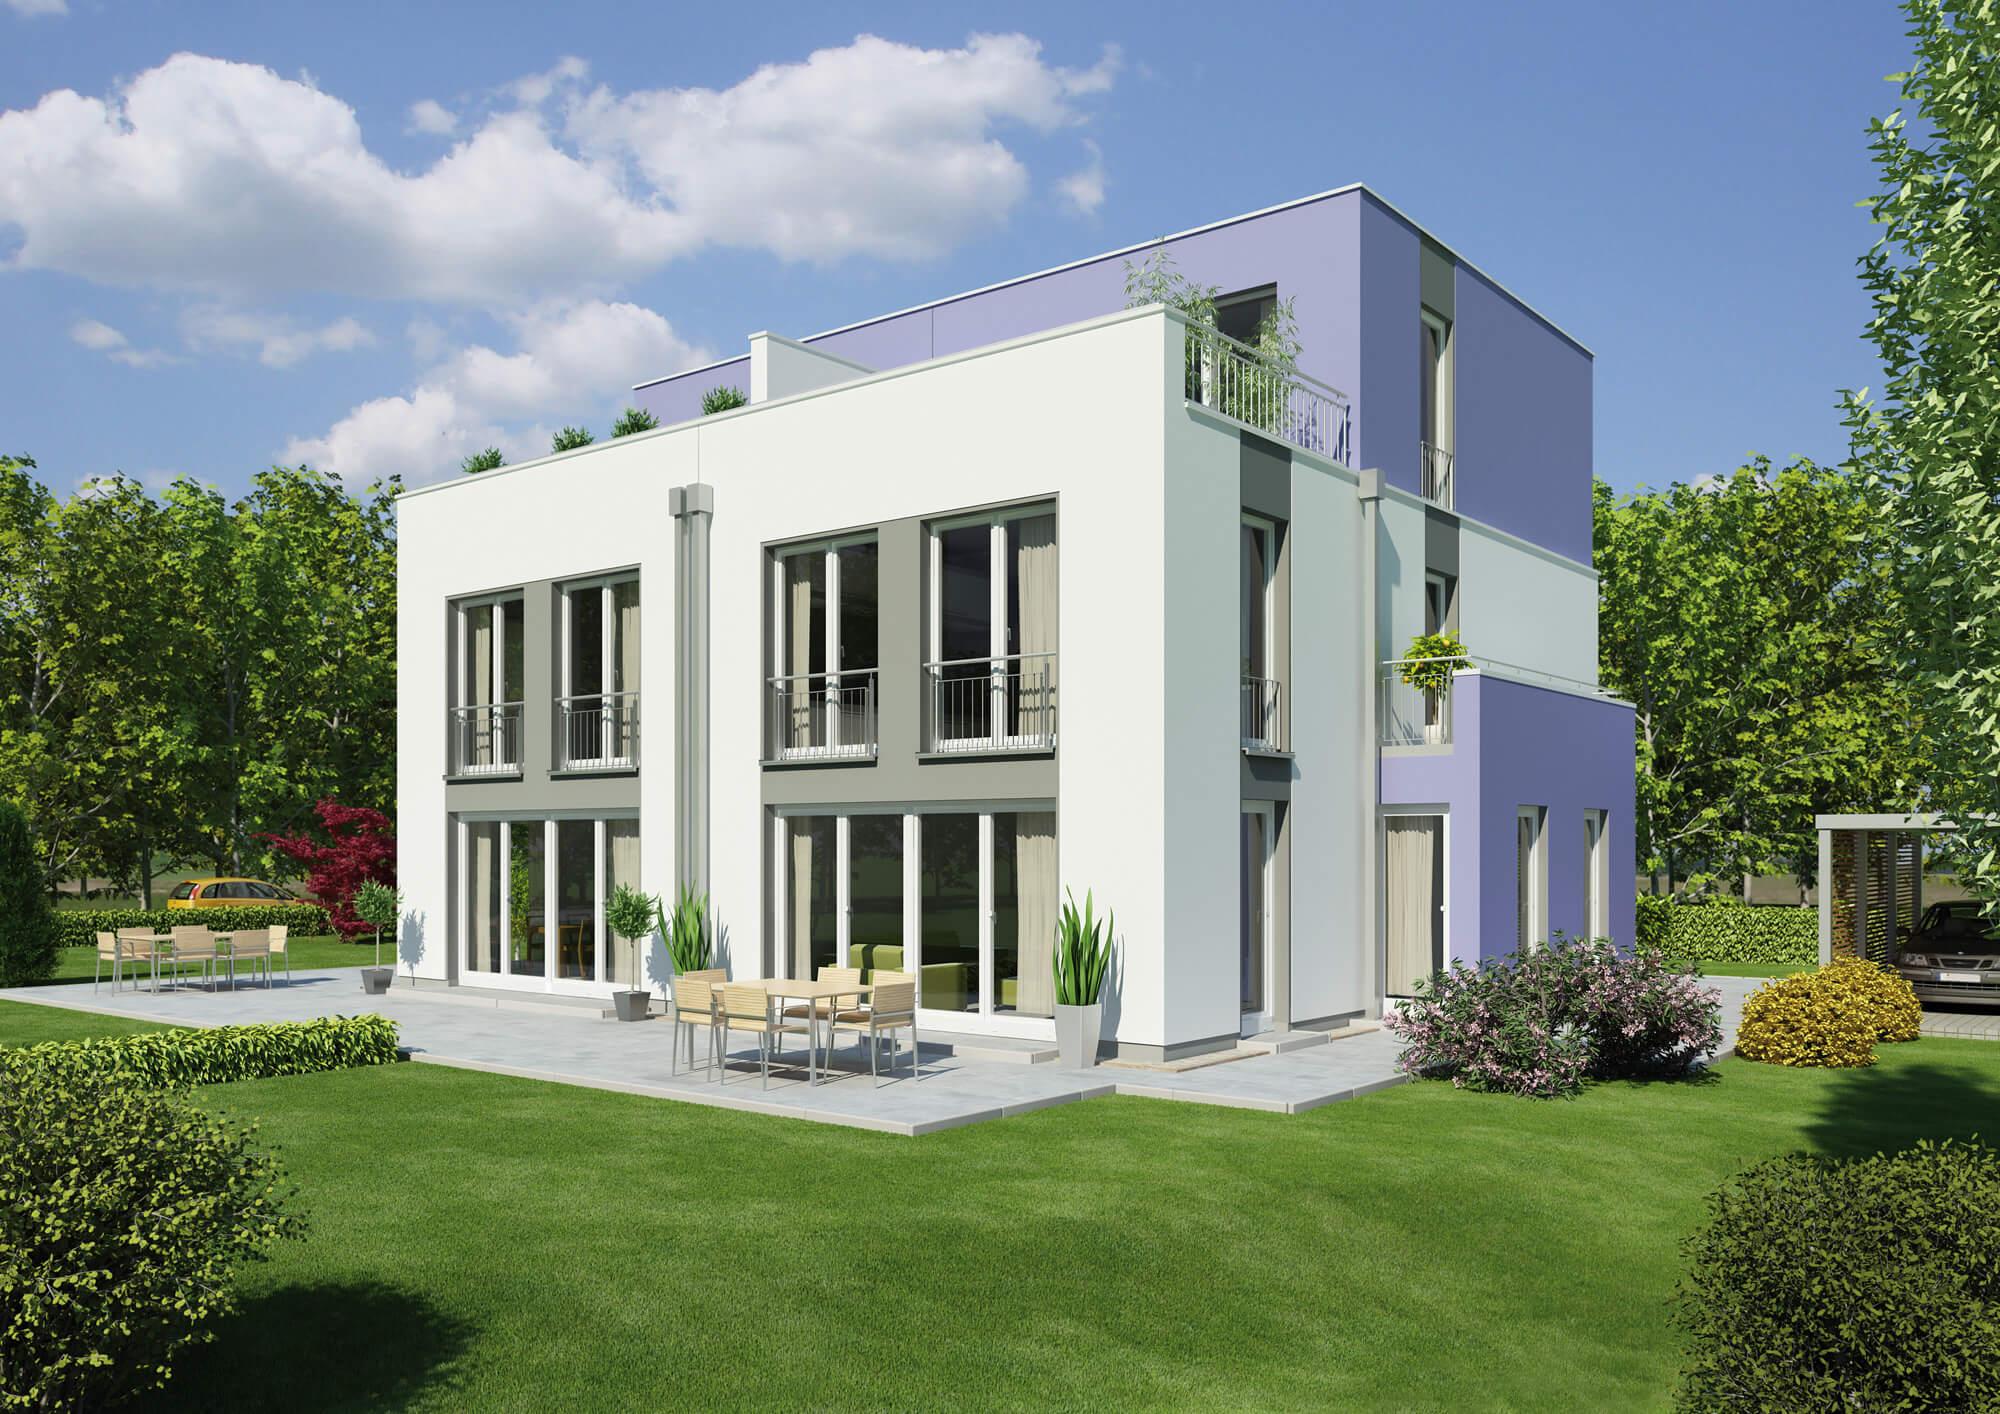 ᐅ Zweifamilienhaus bauen | 132 Zweifamilienhäuser mit Grundriss und ...